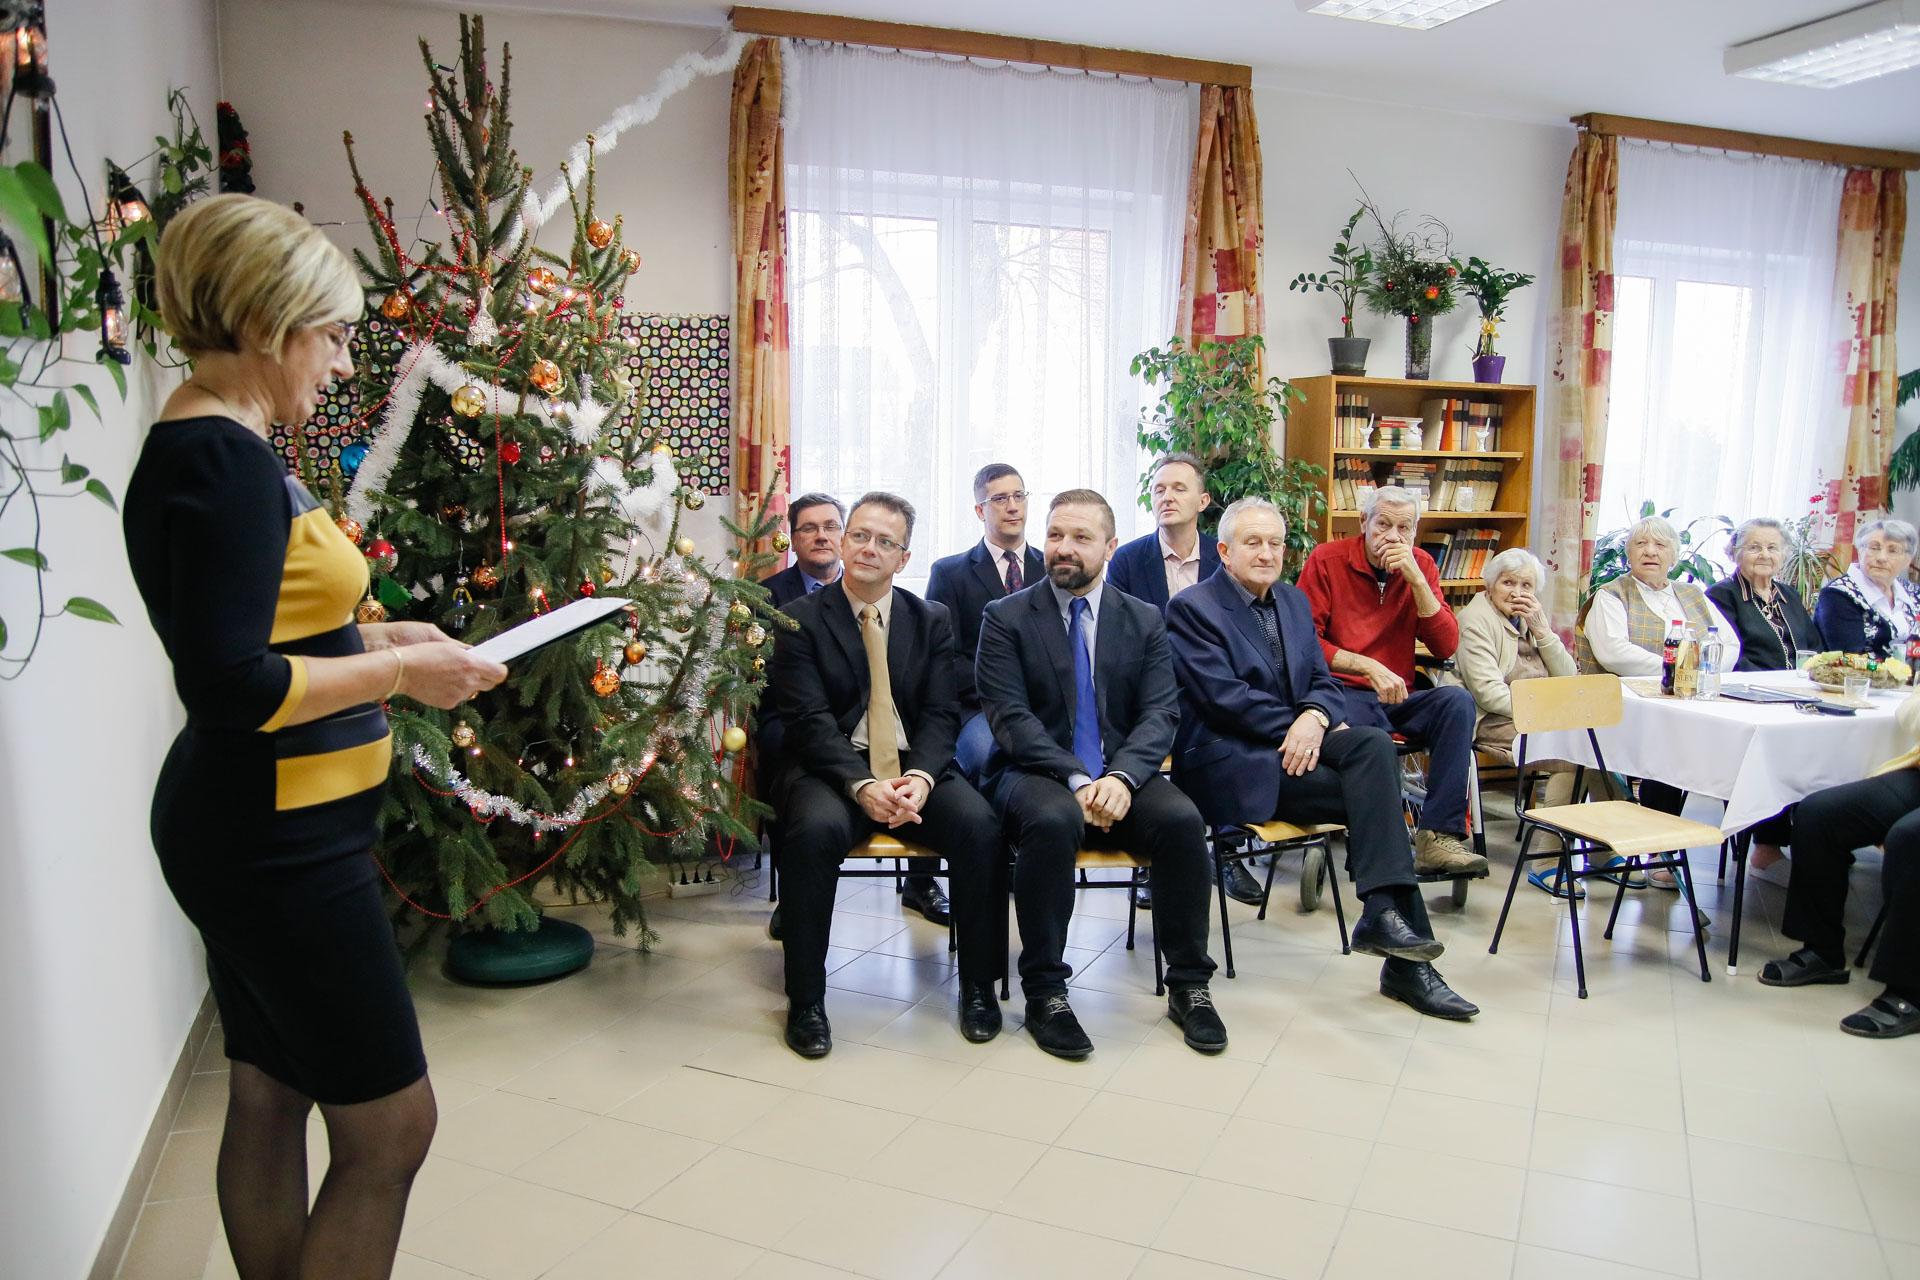 Karácsonyi ünnepség a Muskátli Nyugdíjasházban